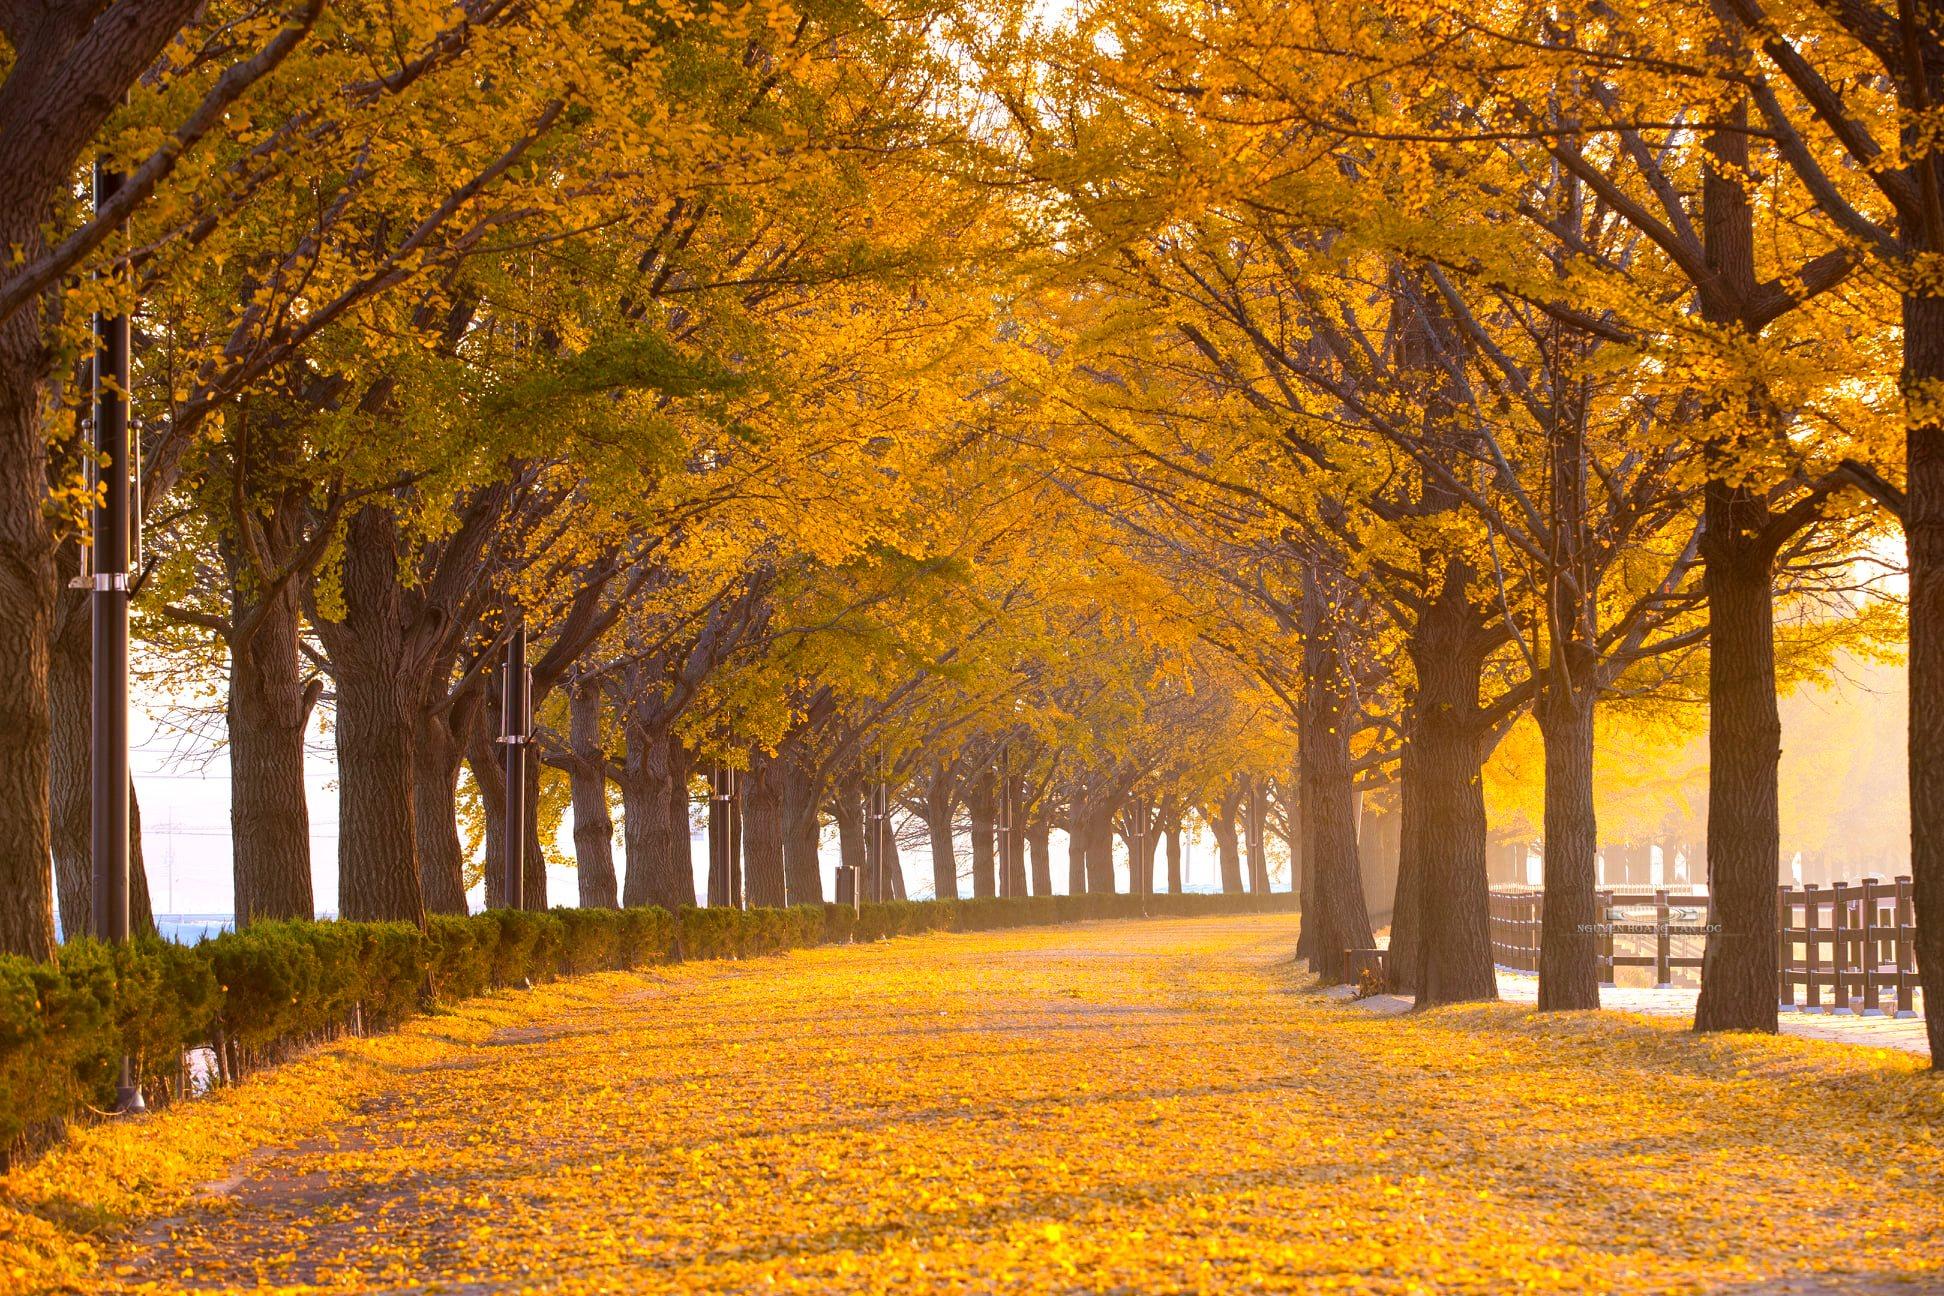 Mùa thu Hàn Quốc có gì đặc biệt? Trải nghiệm mùa thu tại Hàn Quốc